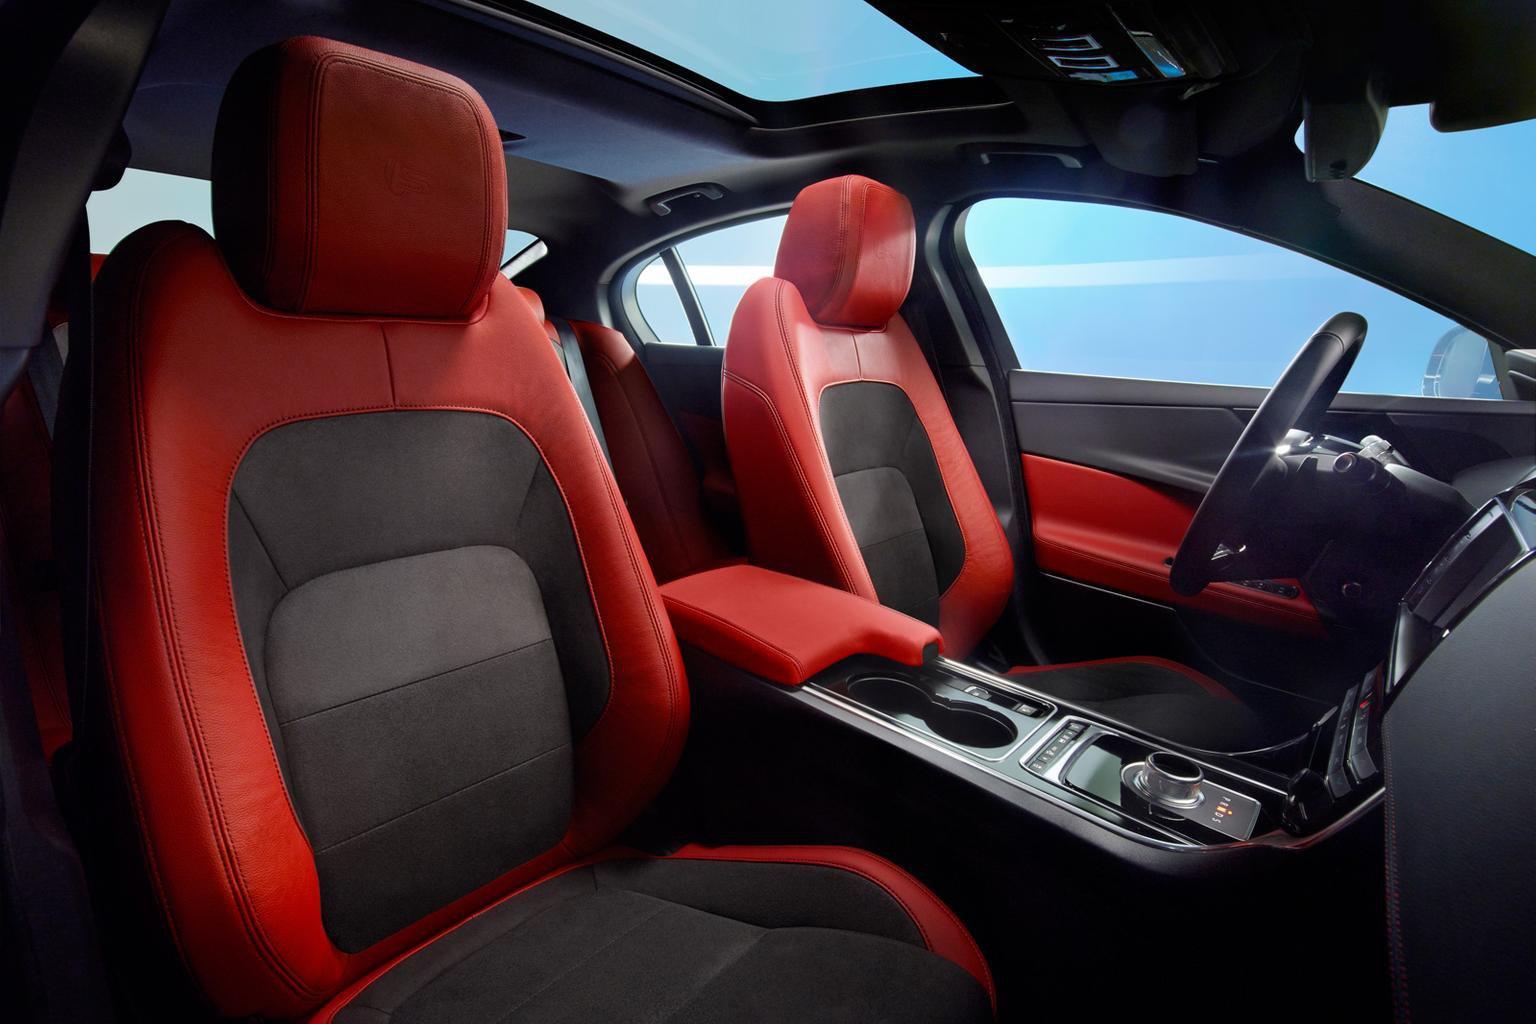 Inside the 2015 Jaguar XE